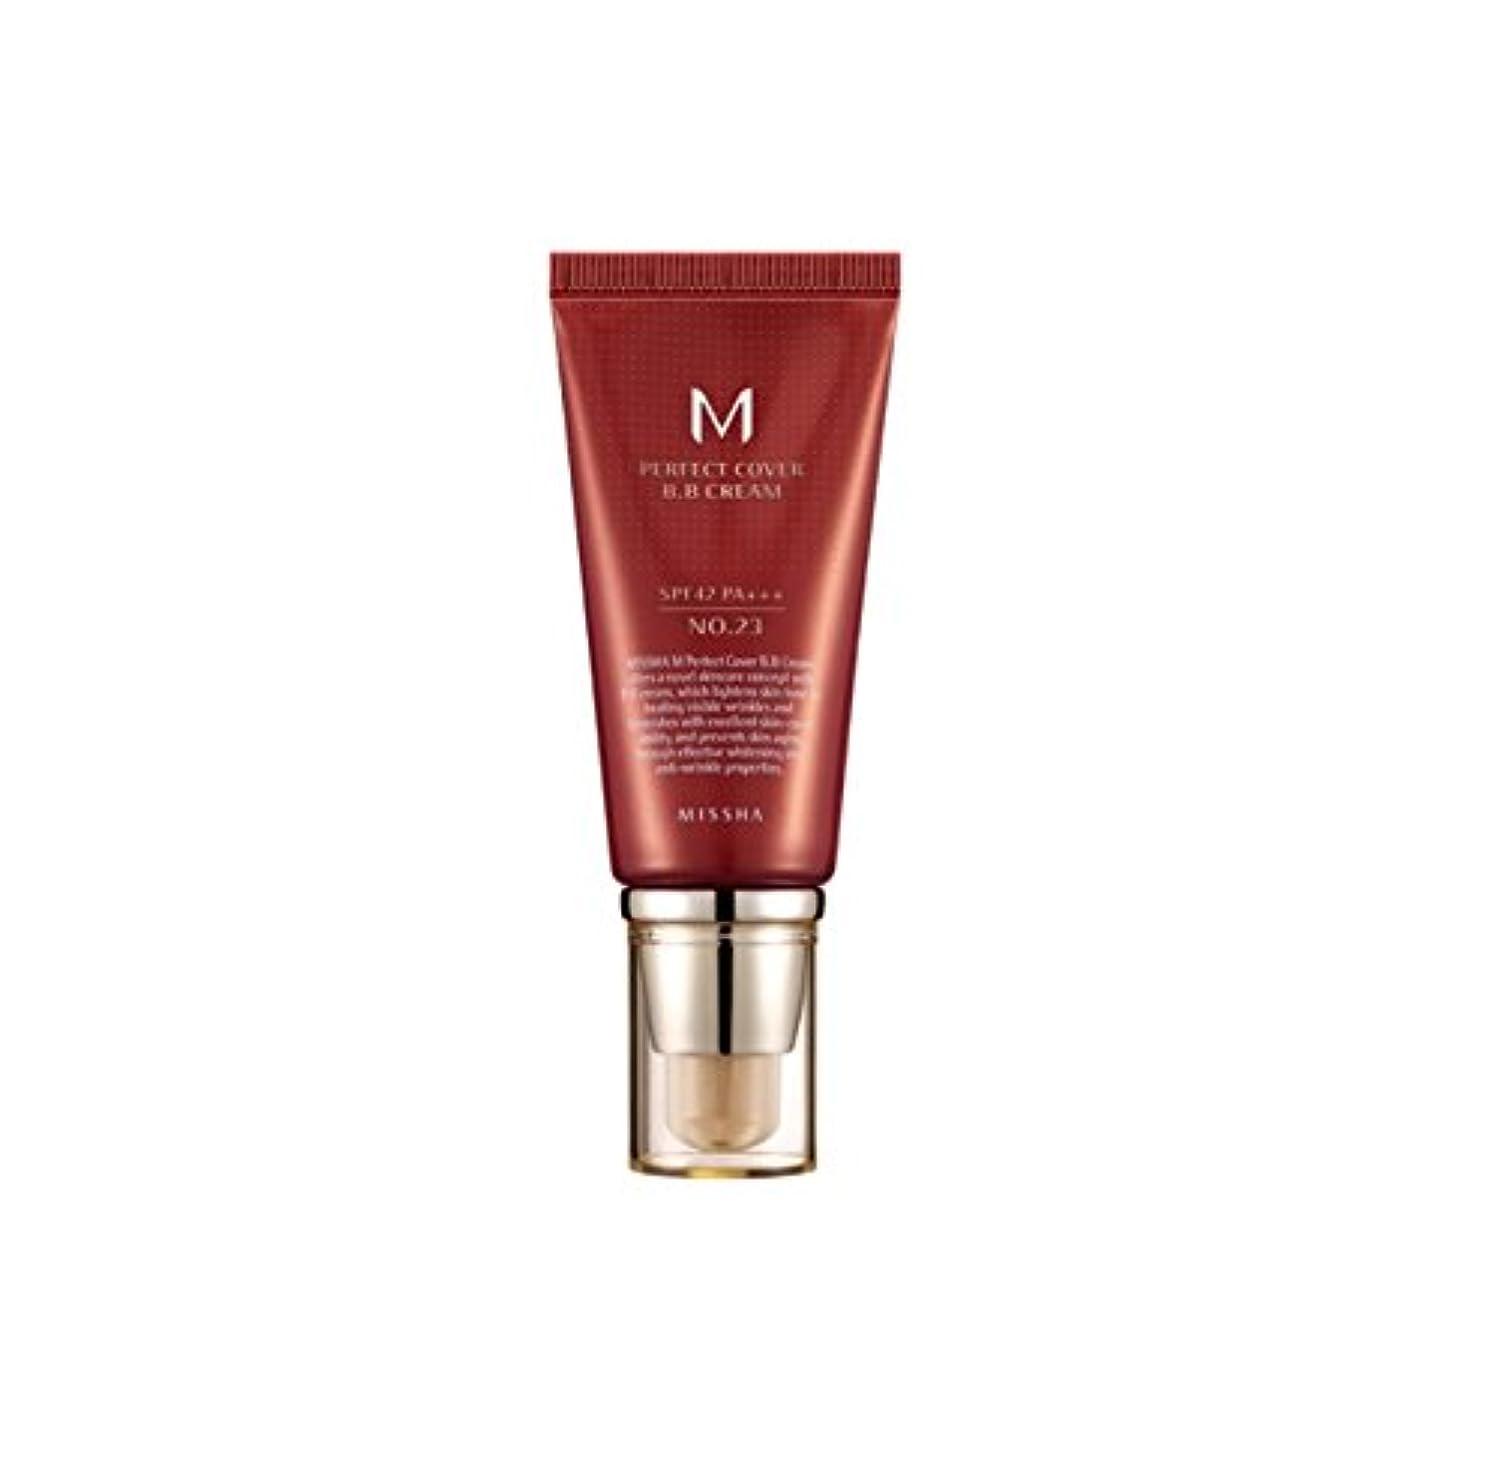 マウント評価する無秩序MISSHA M Perfect Cover BB Cream No.23 Natural Beige SPF42 PA+++ (50ml)